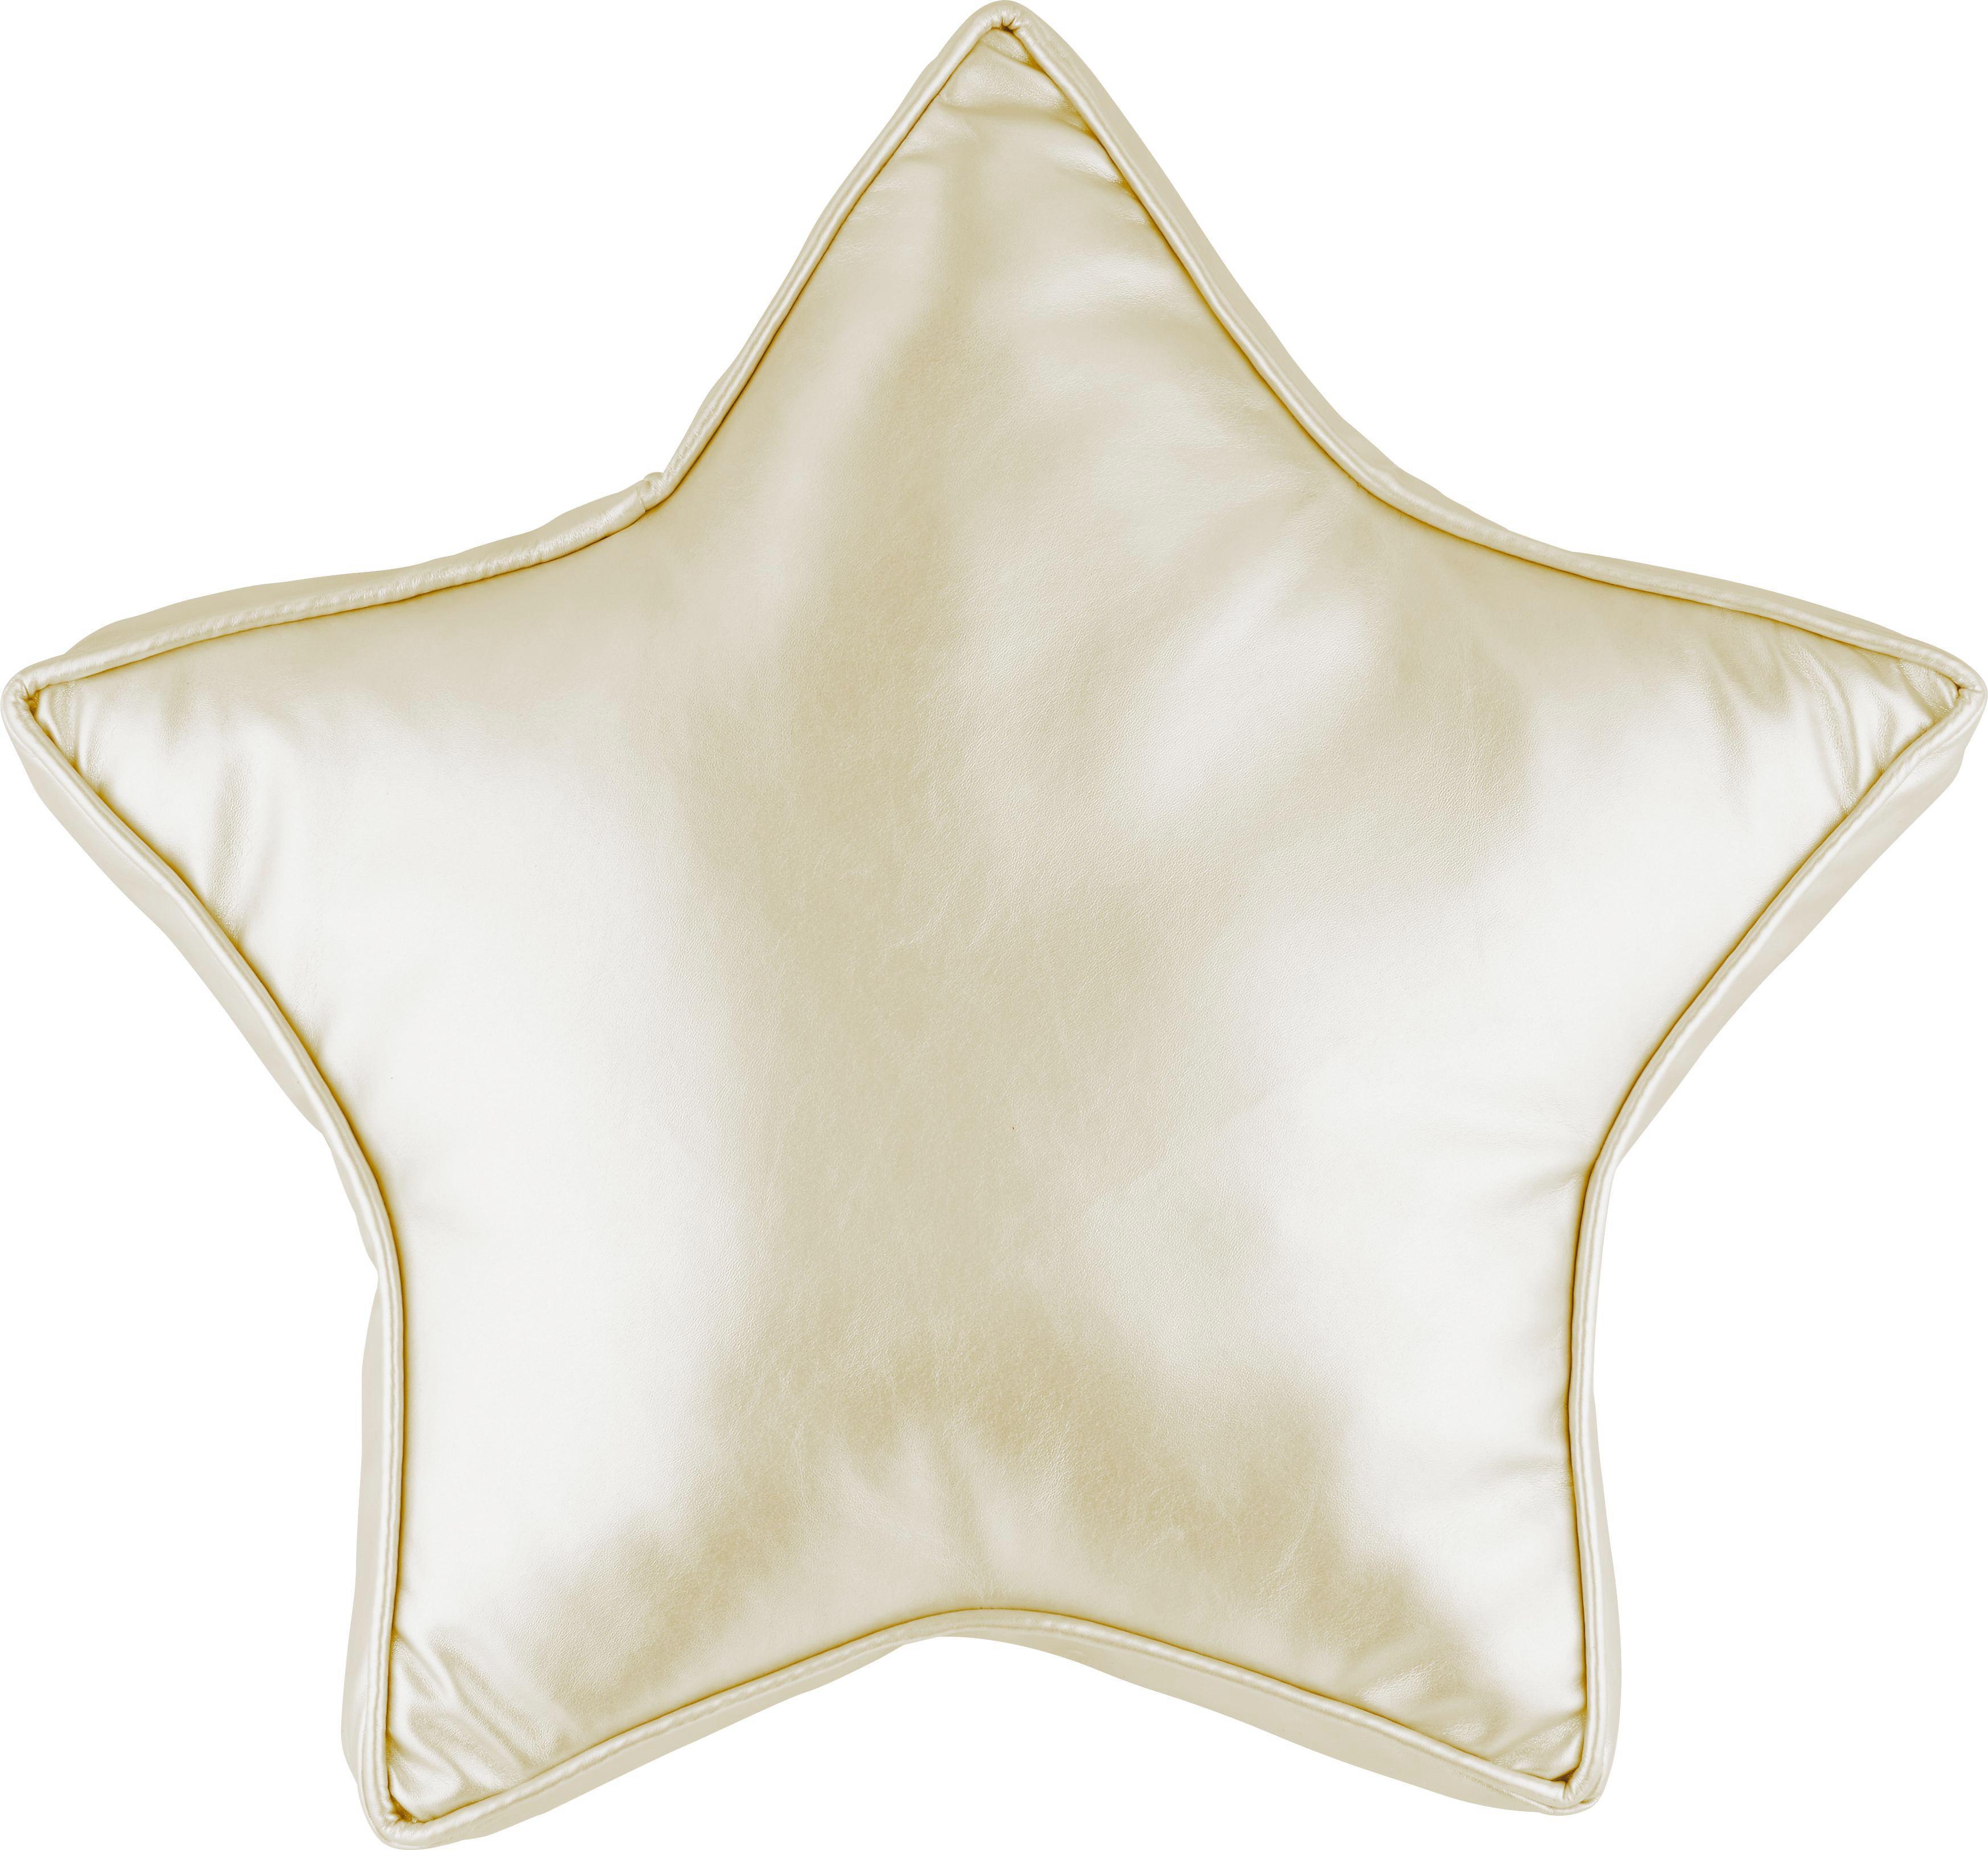 Zierkissen Star in verschiedenen Farben - Silberfarben/Goldfarben, Textil (38/38cm) - MÖMAX modern living